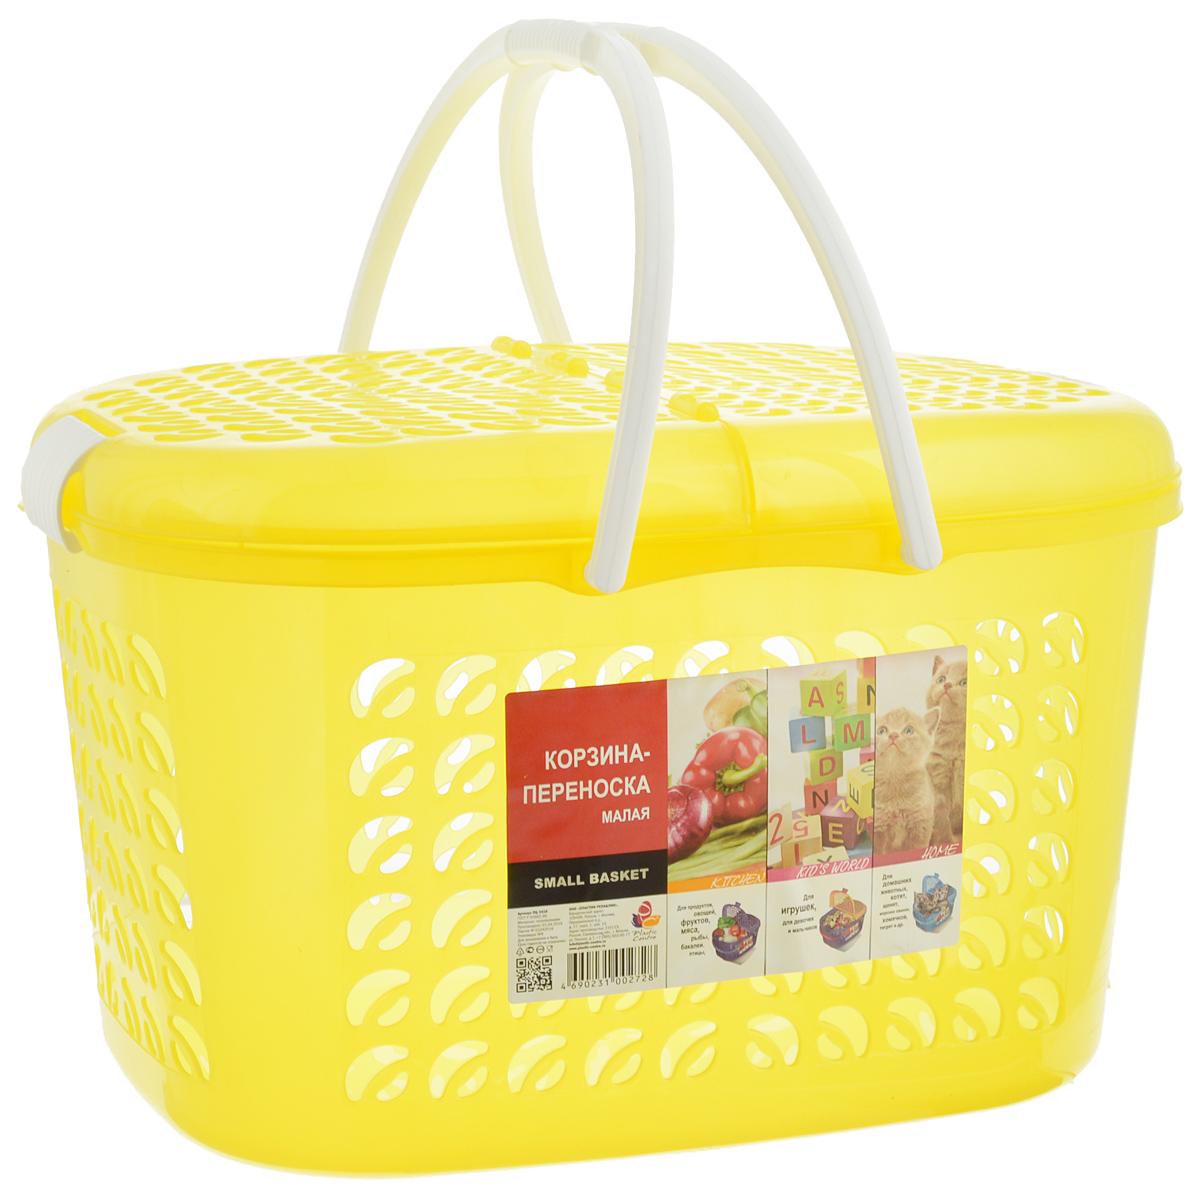 Корзина-переноска Plastic Centre, цвет: желтый, белый, 37 х 27,5 х 23 смUP210DFКорзина-переноска Plastic Centre выполнена из прочного пластика. Корзина прекрасно подойдет для хранения продуктов, детских игрушек или переноски небольших домашних животных. На стенках и крышке расположены фигурные отверстия, дно сплошное. Оснащена двумя пластиковыми ручками, крышкой, открывающейся с двух сторон, и крепкими защелками.Размер корзины (с учетом крышки, без учета ручек): 37 х 27,5 х 23 см.